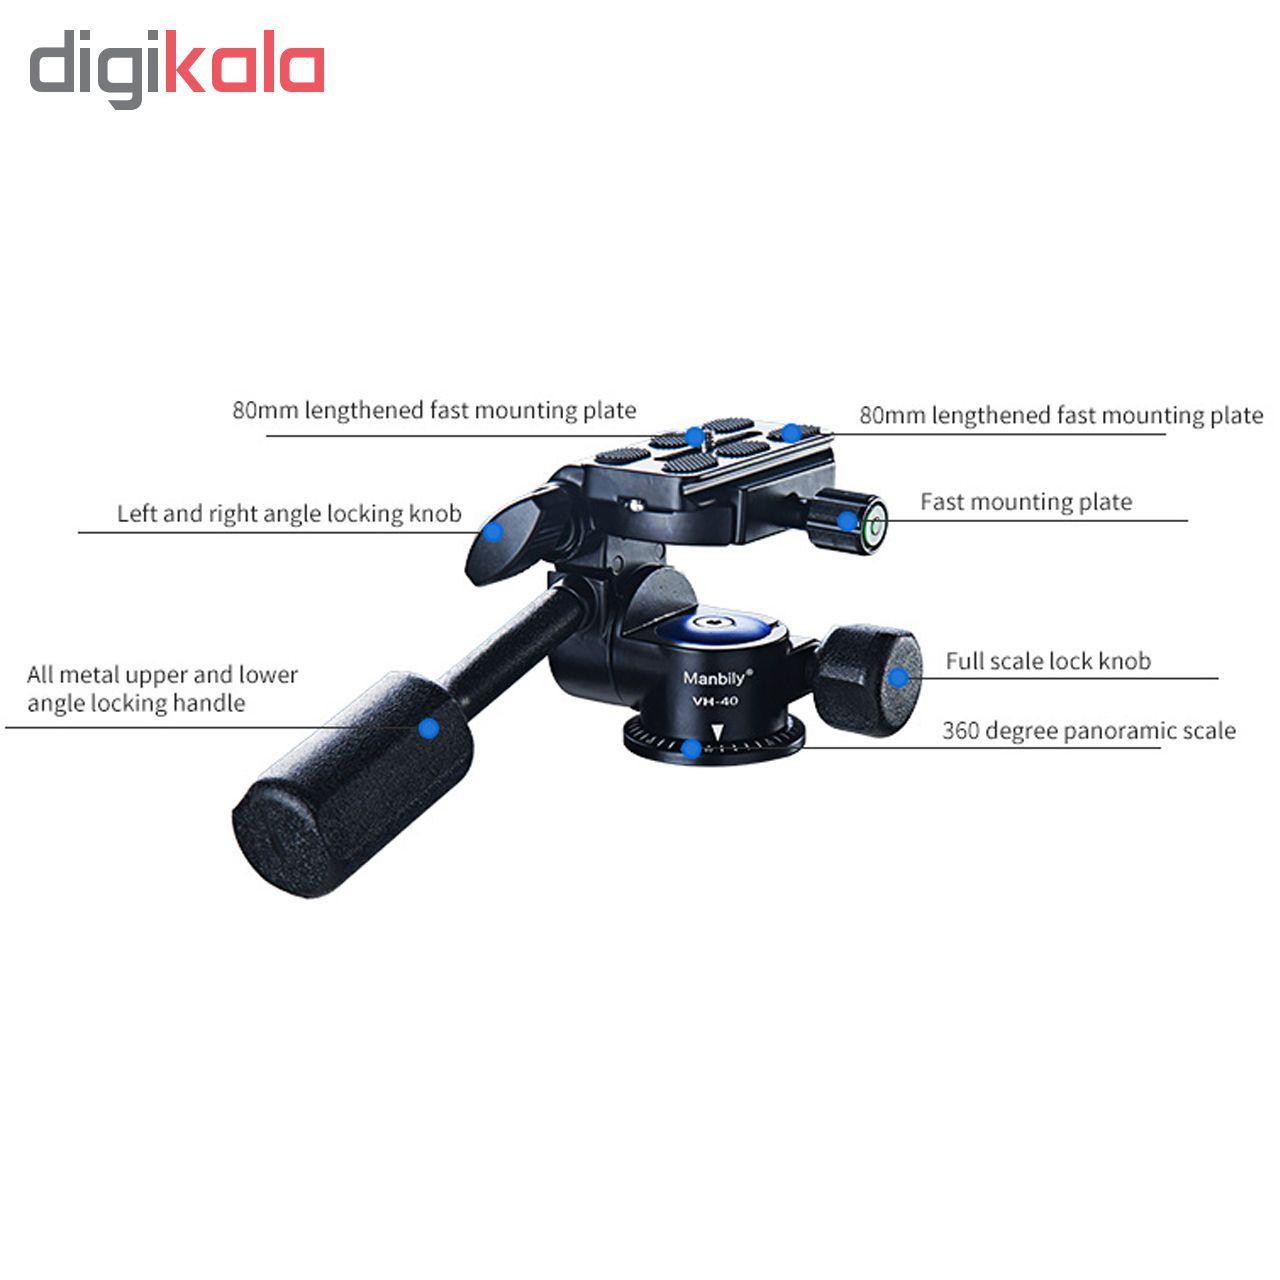 سر سه پایه هد عکاسی و فیلم برداری مانبیلی VH-40 main 1 1